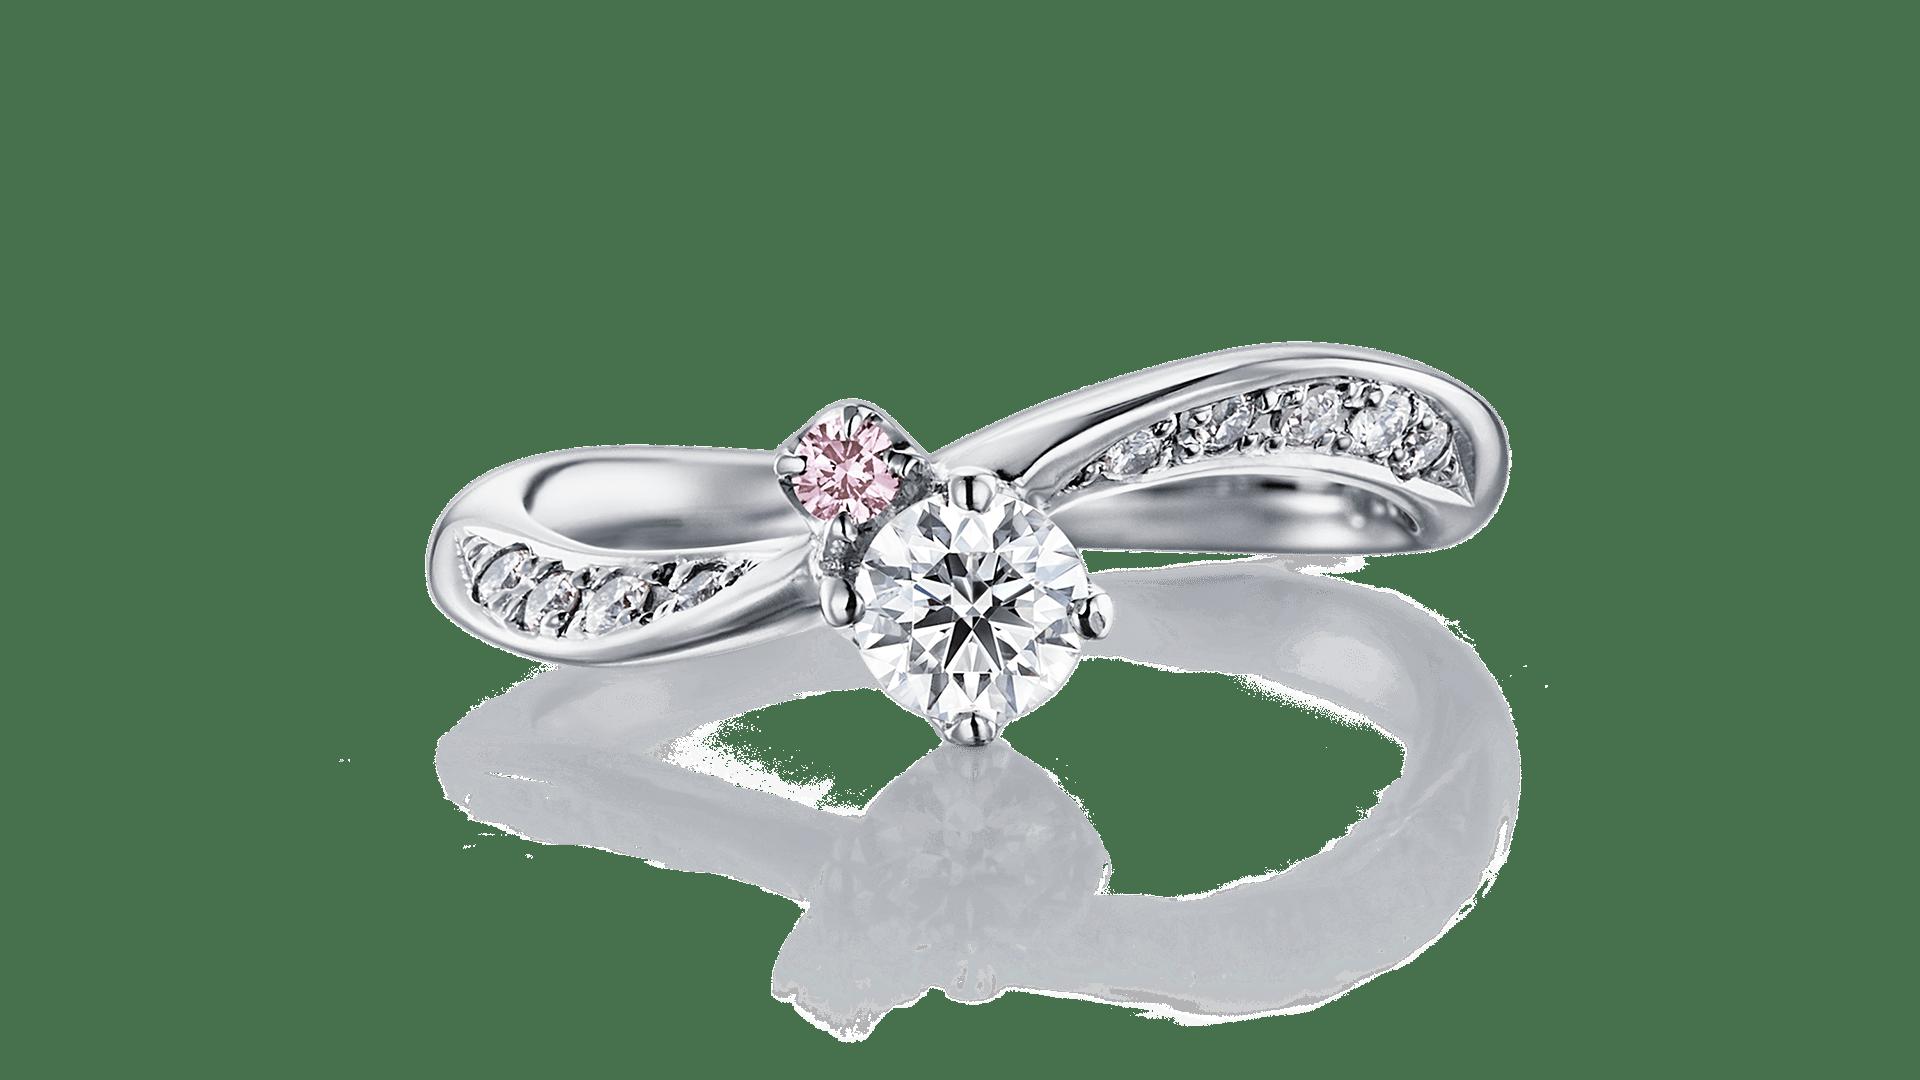 gemini ジェミニ | 婚約指輪サムネイル 1